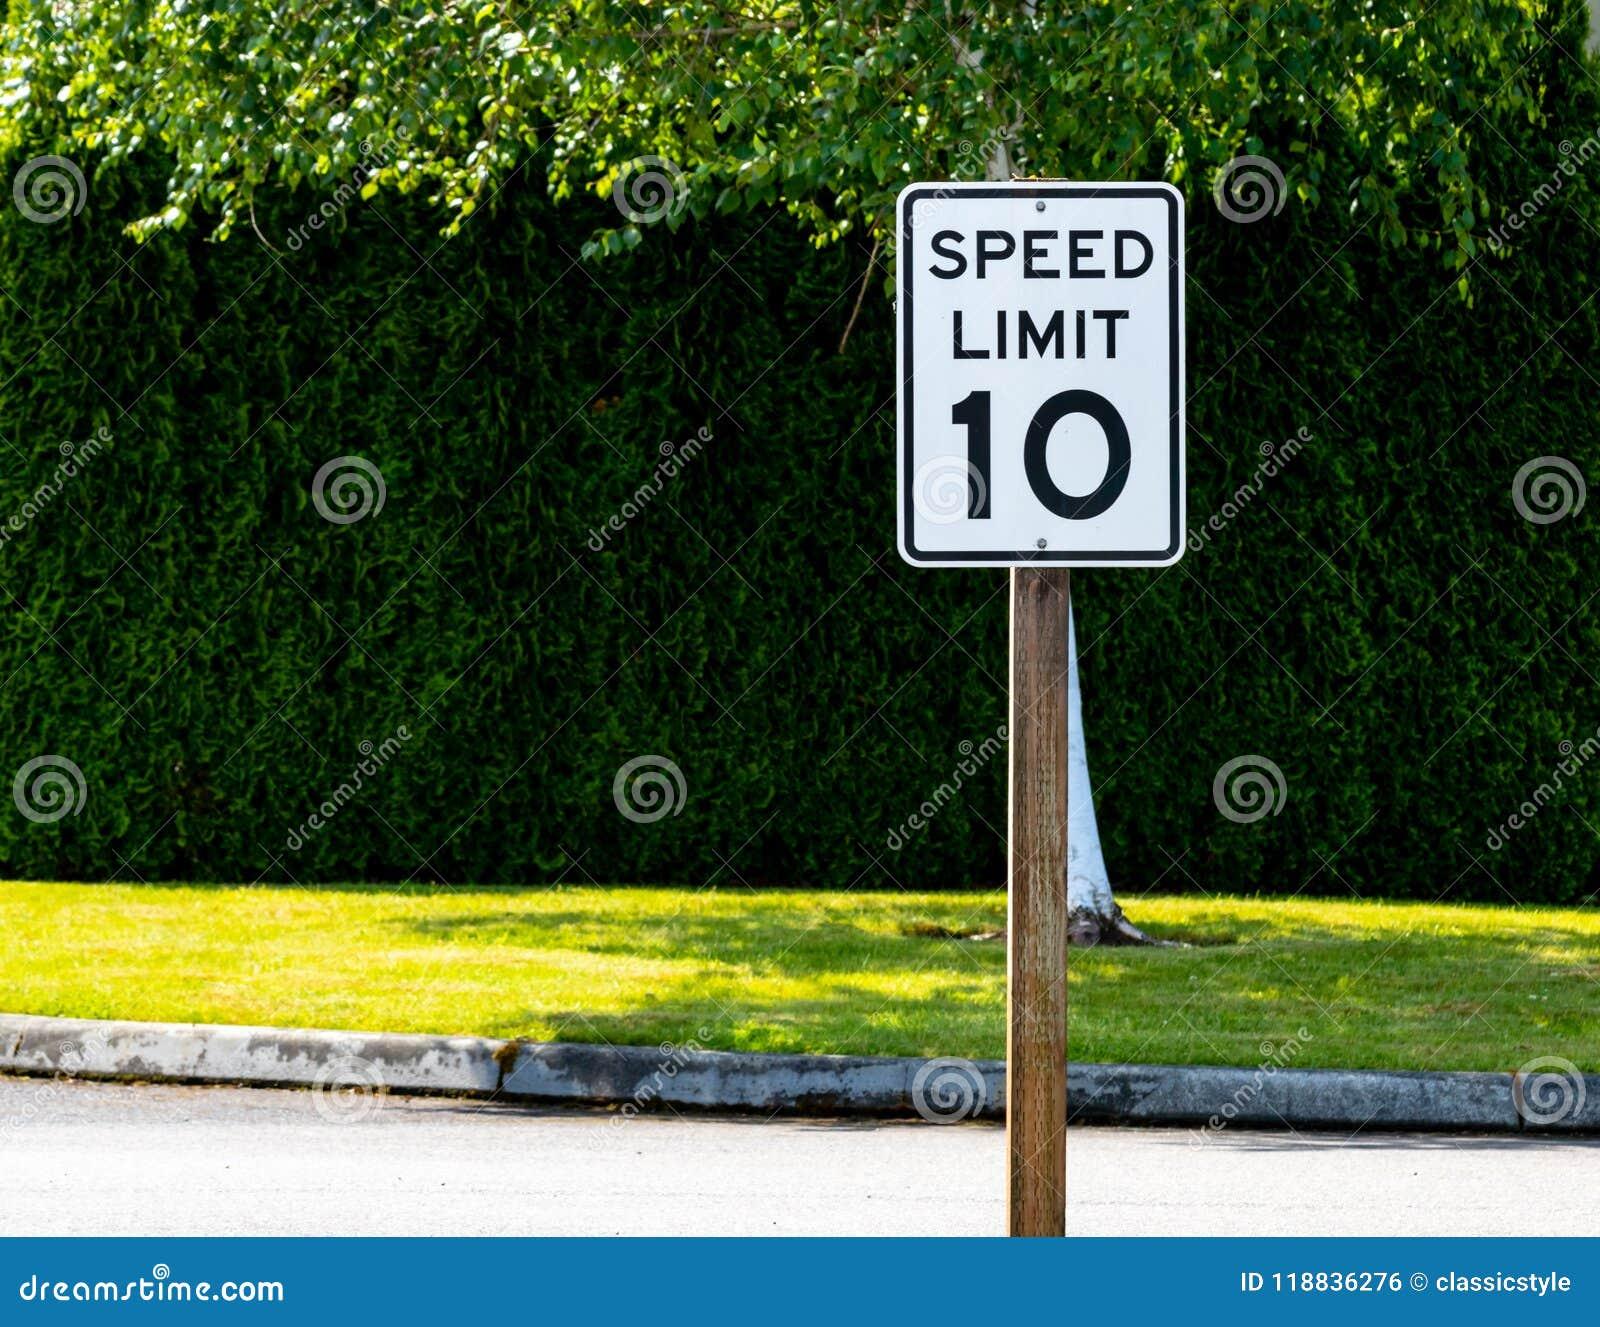 Dziesięć mil na godzinę prędkości ograniczenia znak